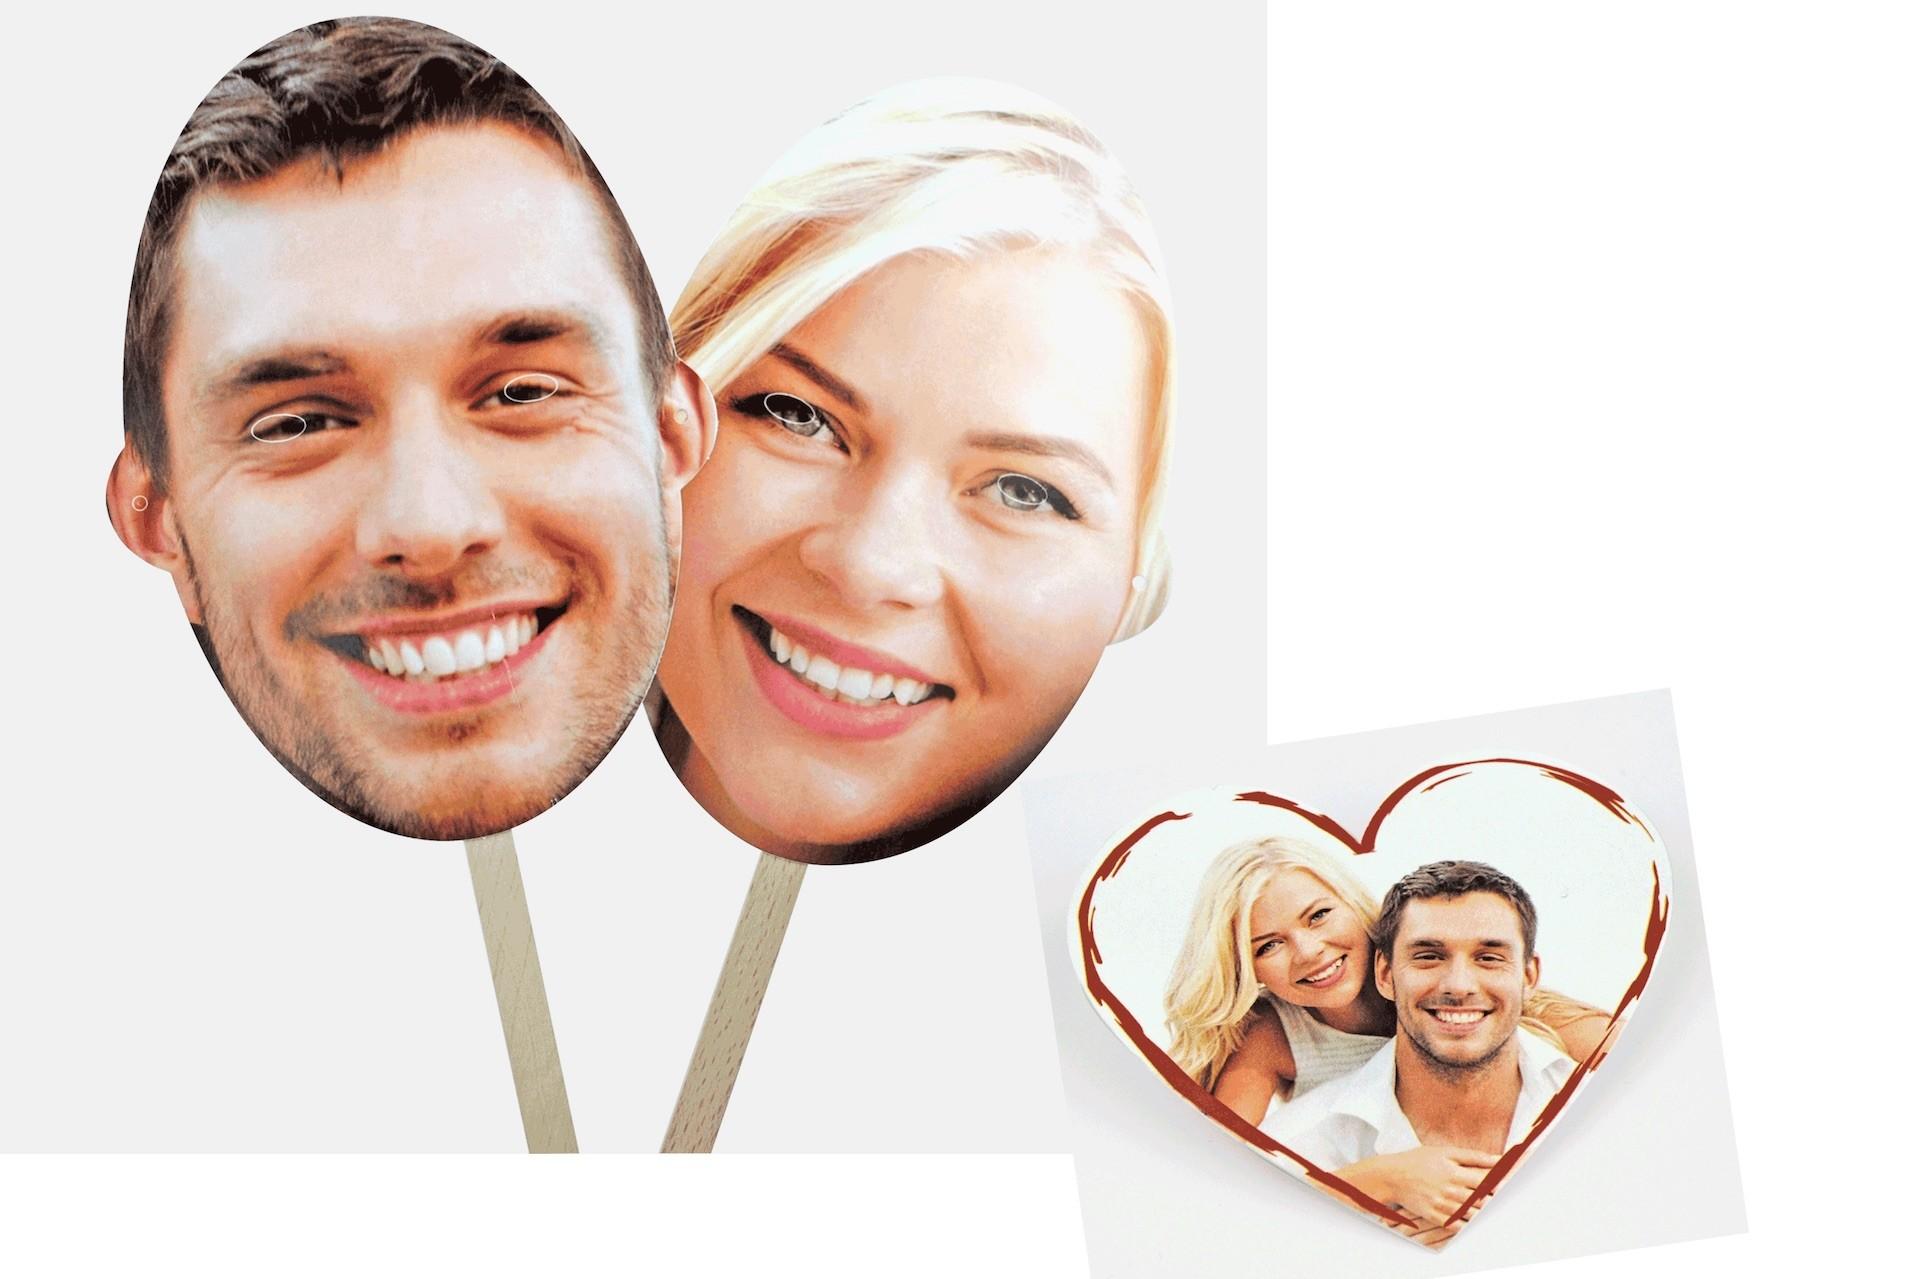 Fotomasken als Überraschung fürs Brautpaar